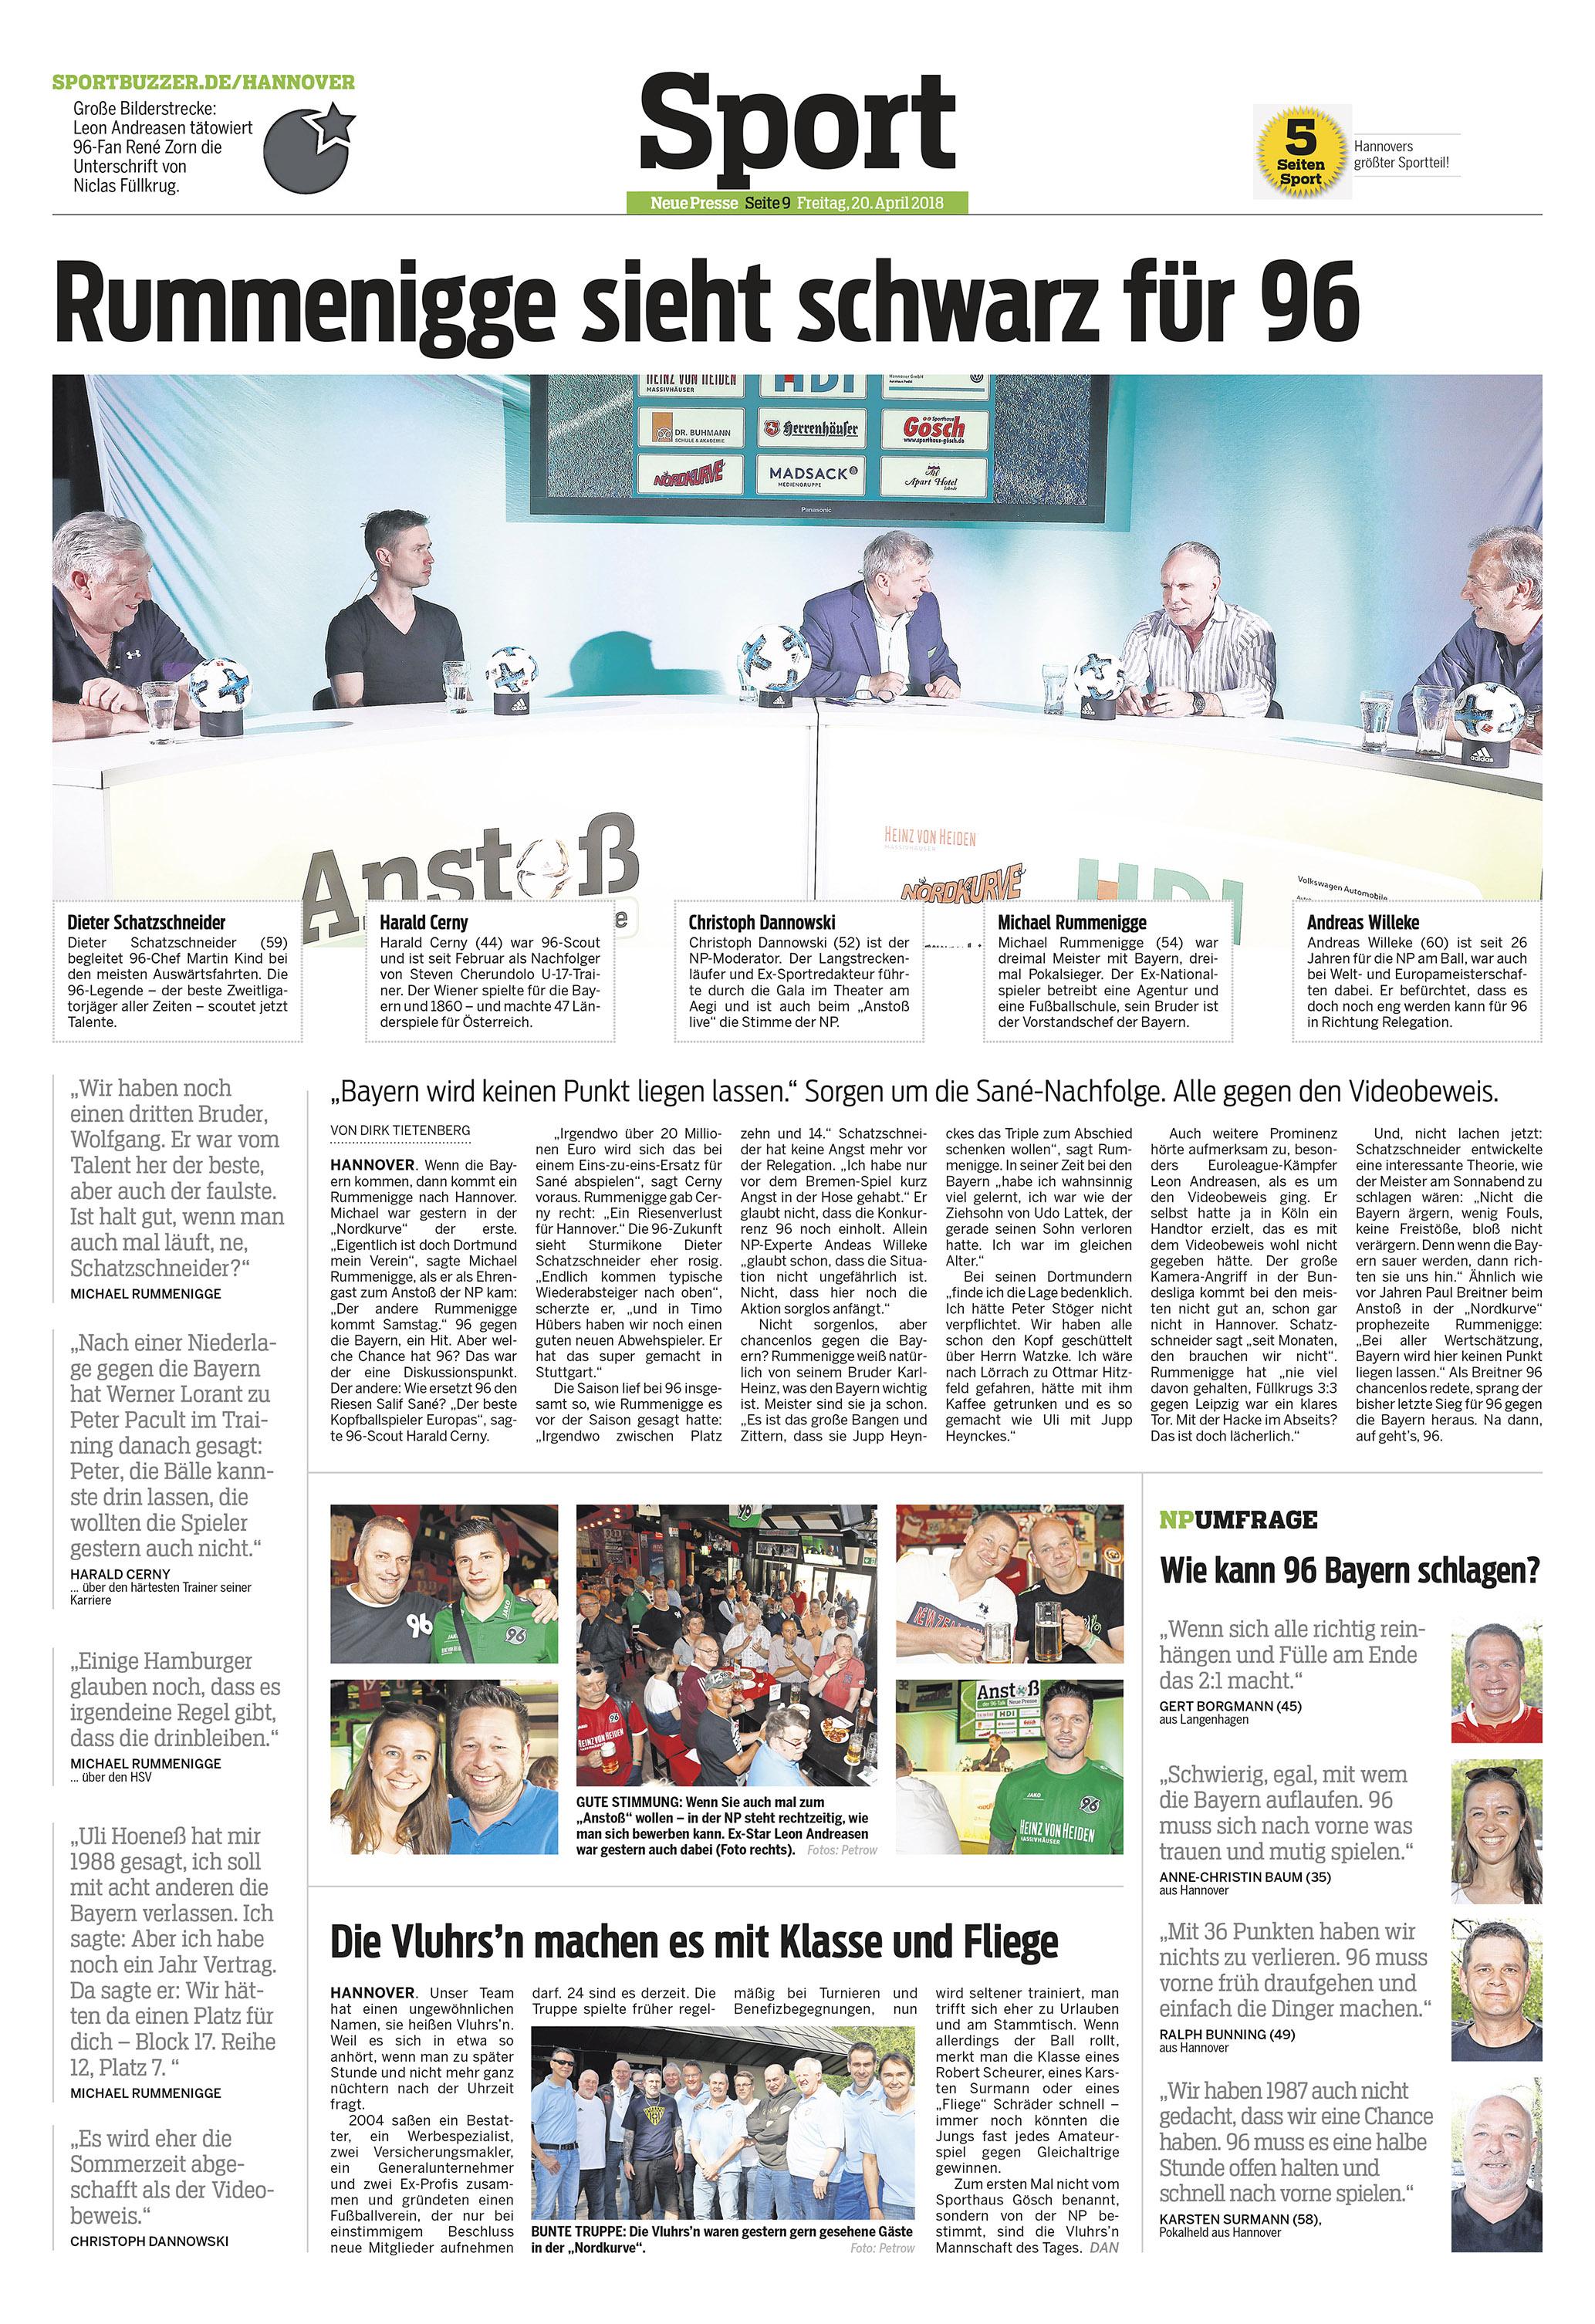 Michael-Rummenigge-Neue-Presse